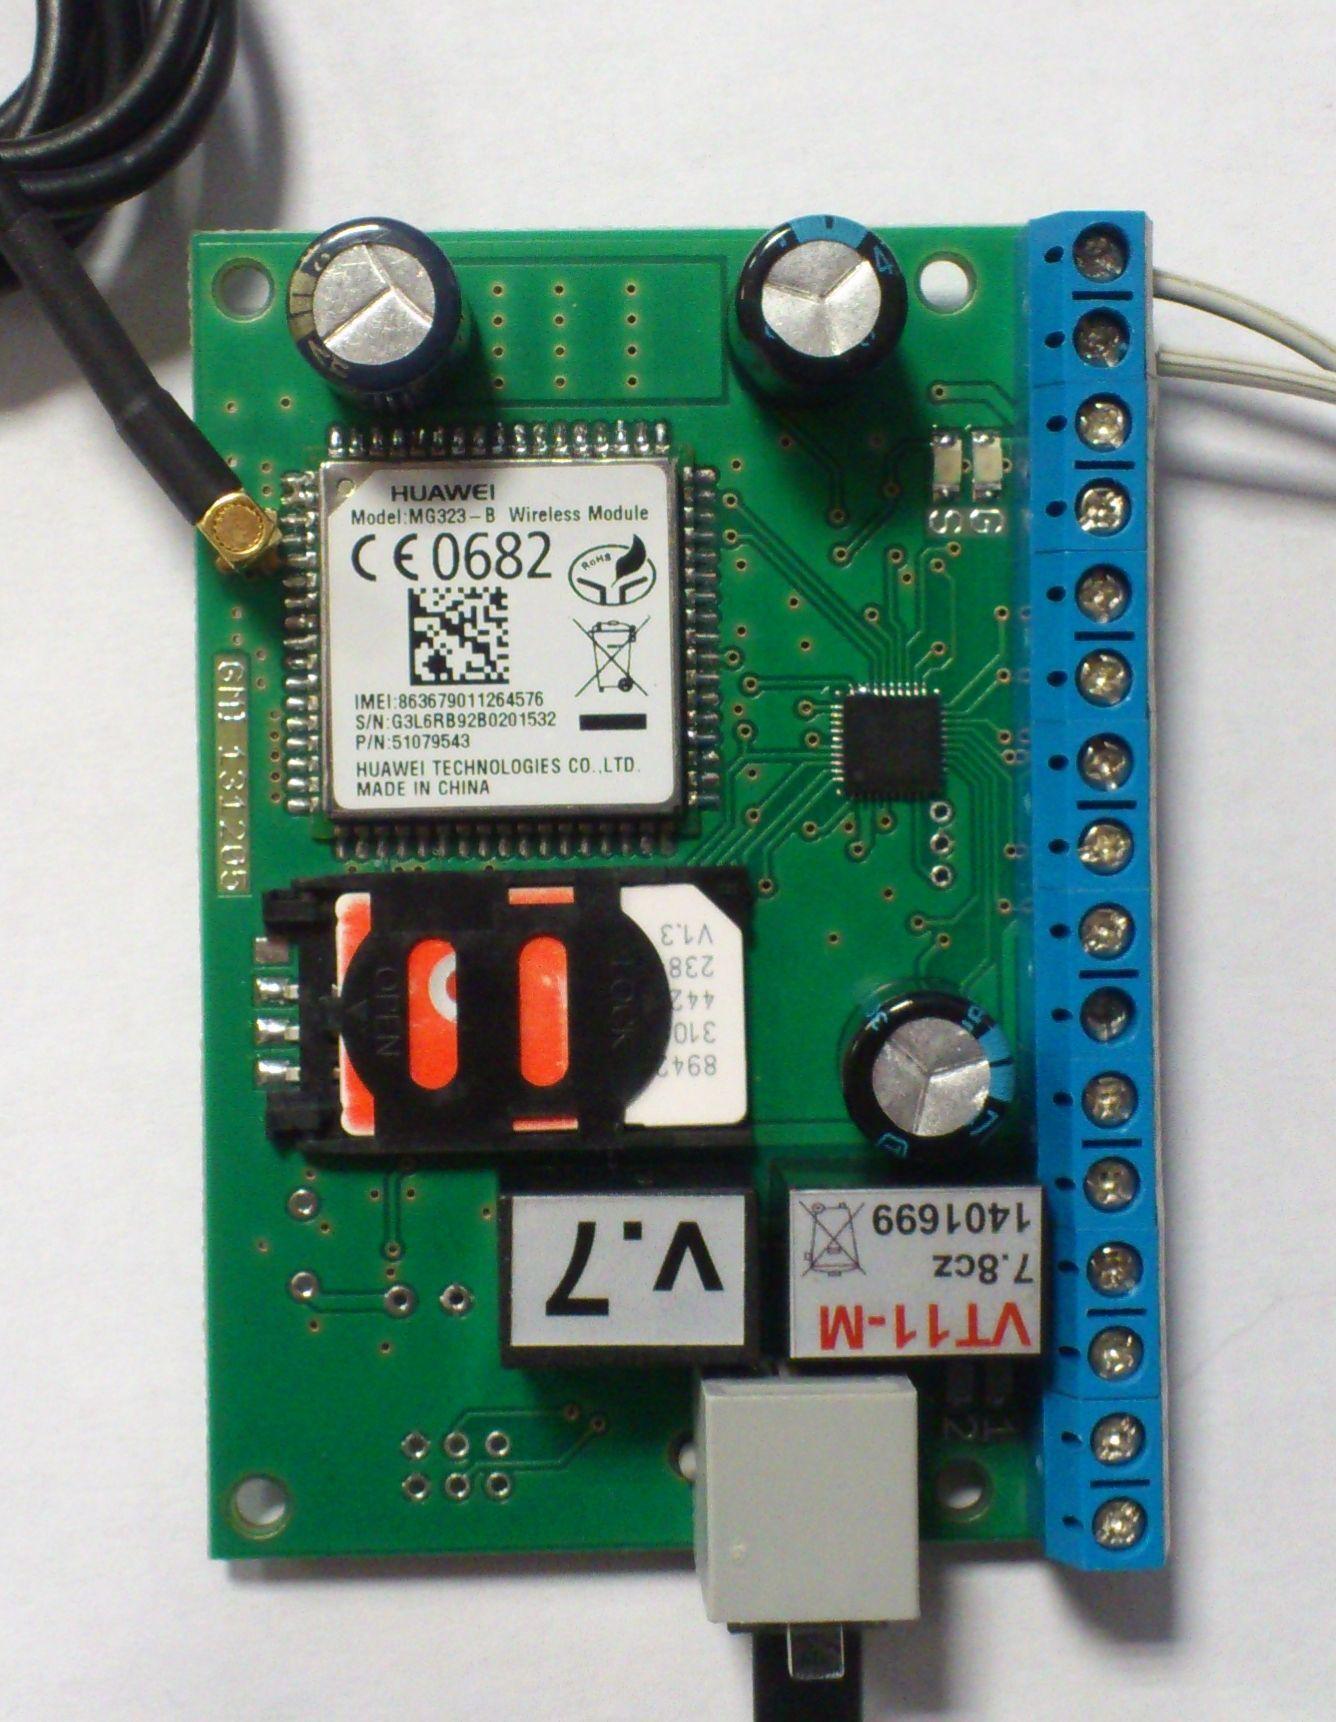 _SMS VT11-M SMS modul